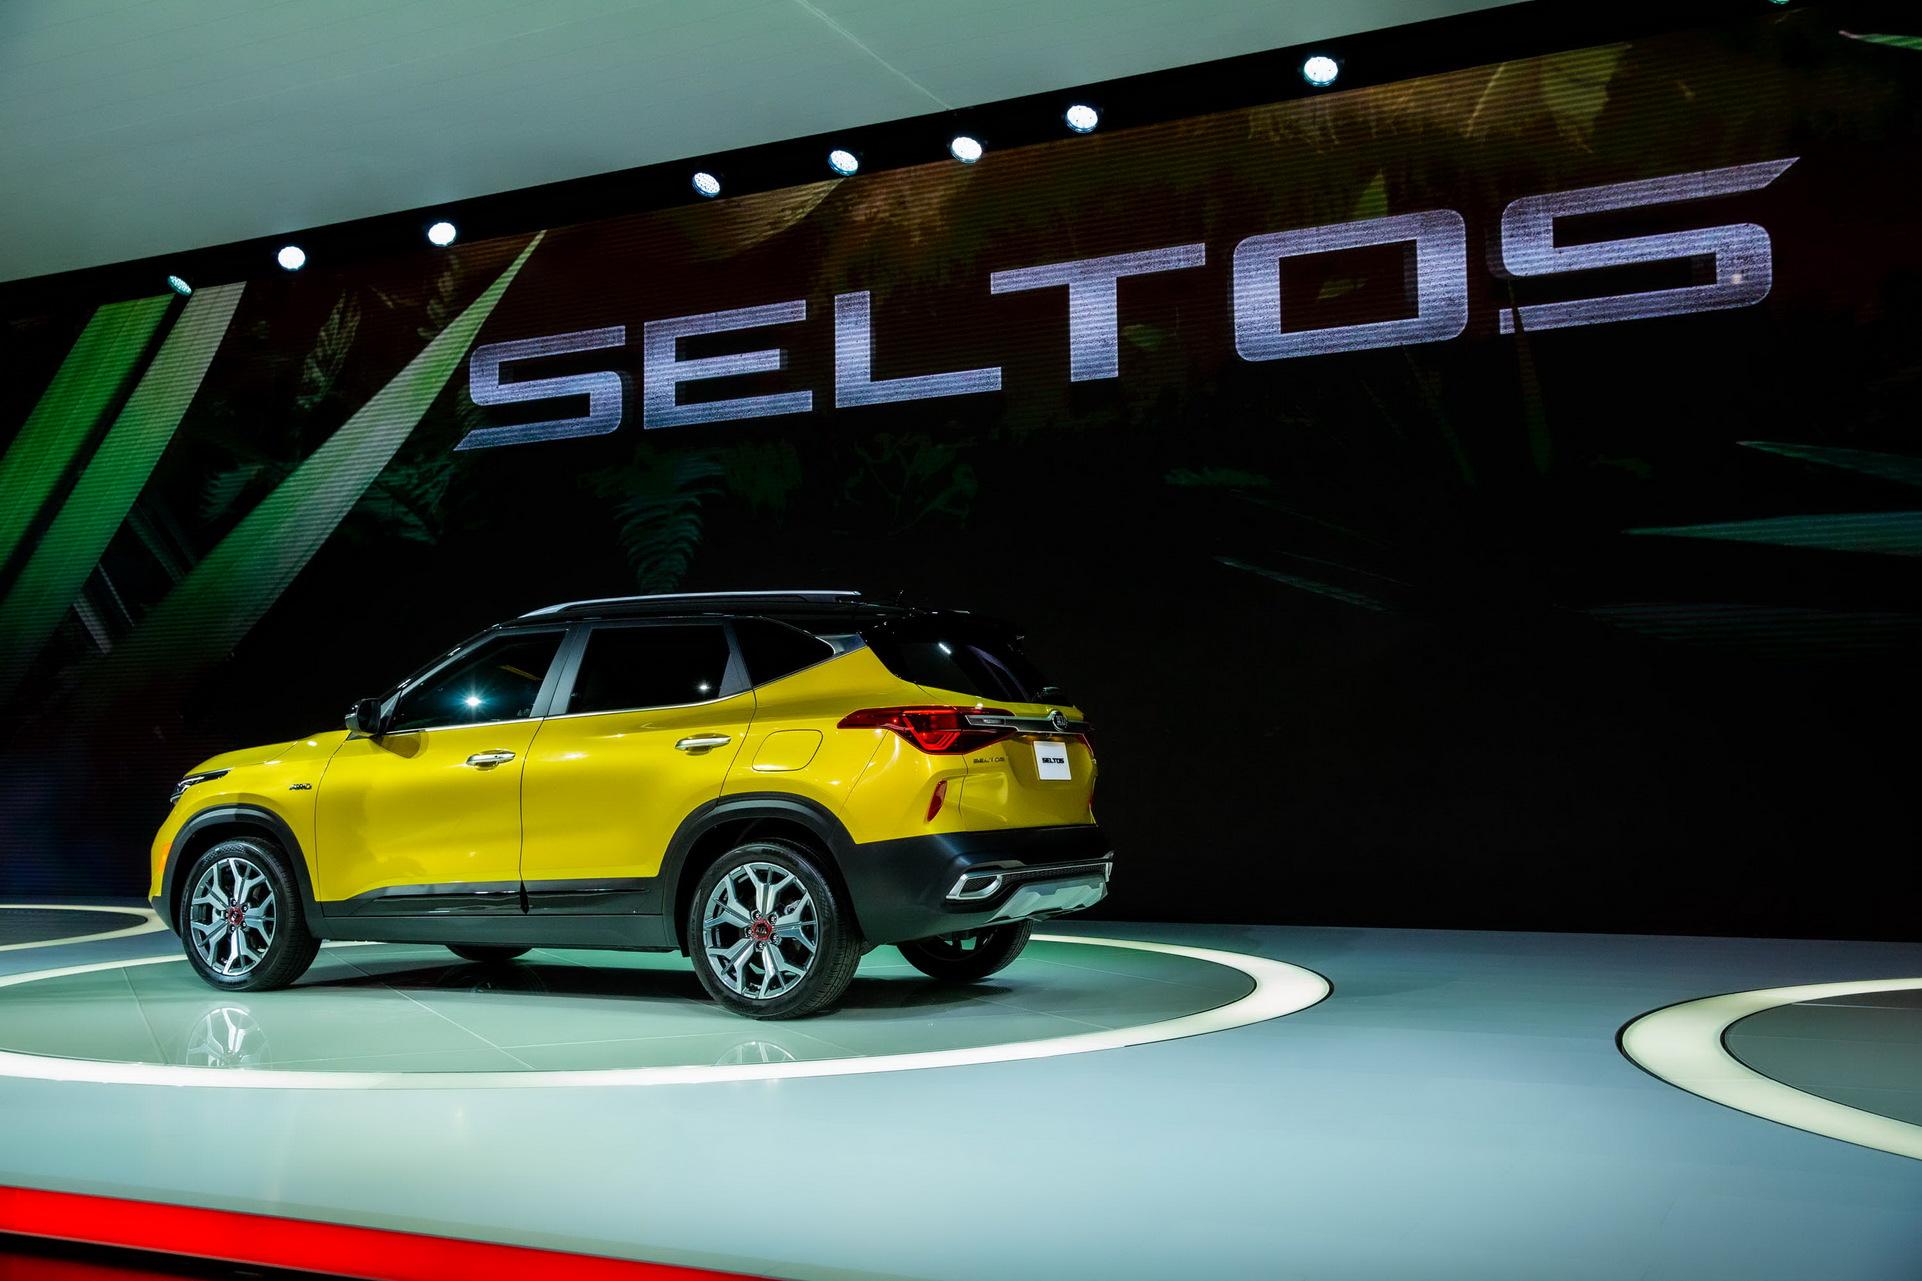 Kia Seltos 2021 hoàn toàn mới có giá từ 510 triệu đồng tại Mỹ - 5